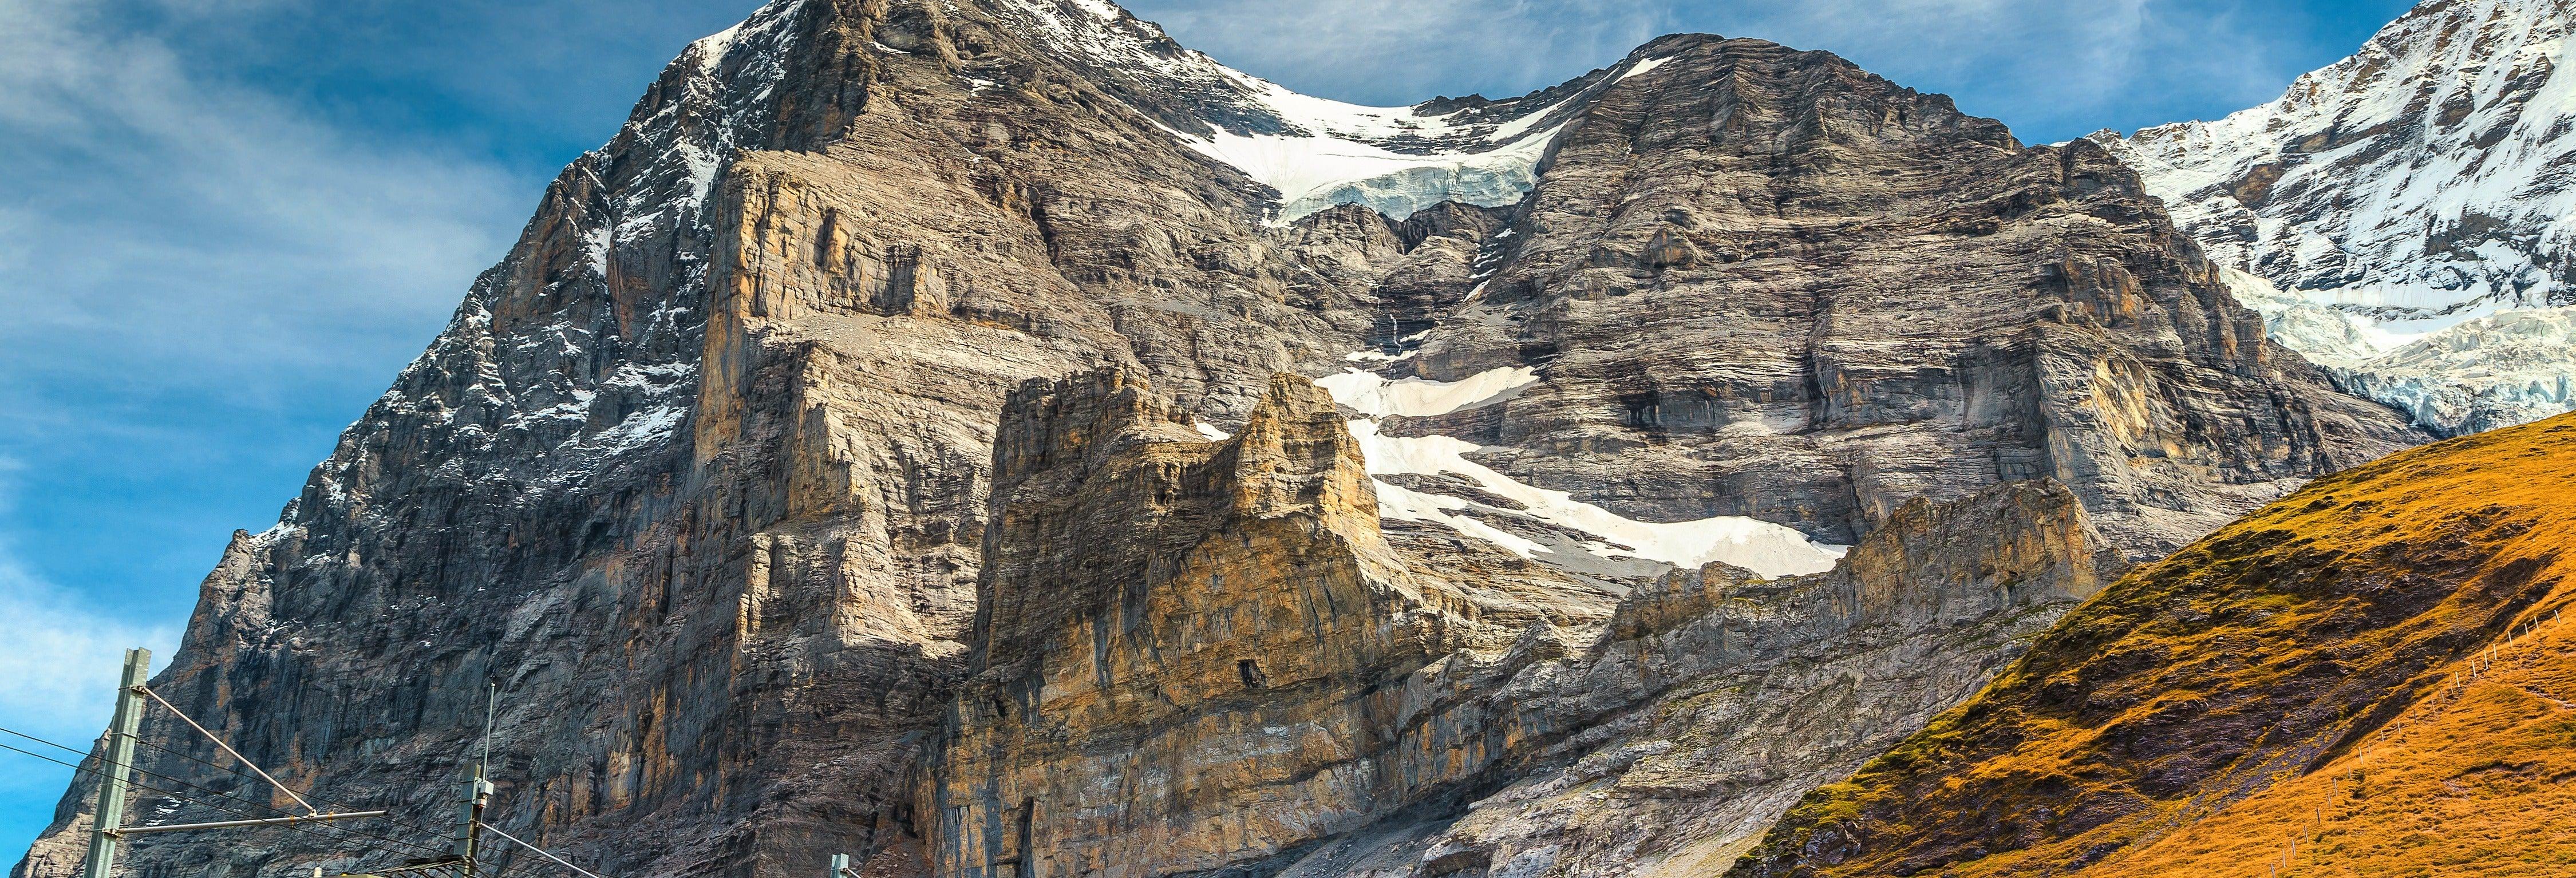 Escursione alla Jungfrau